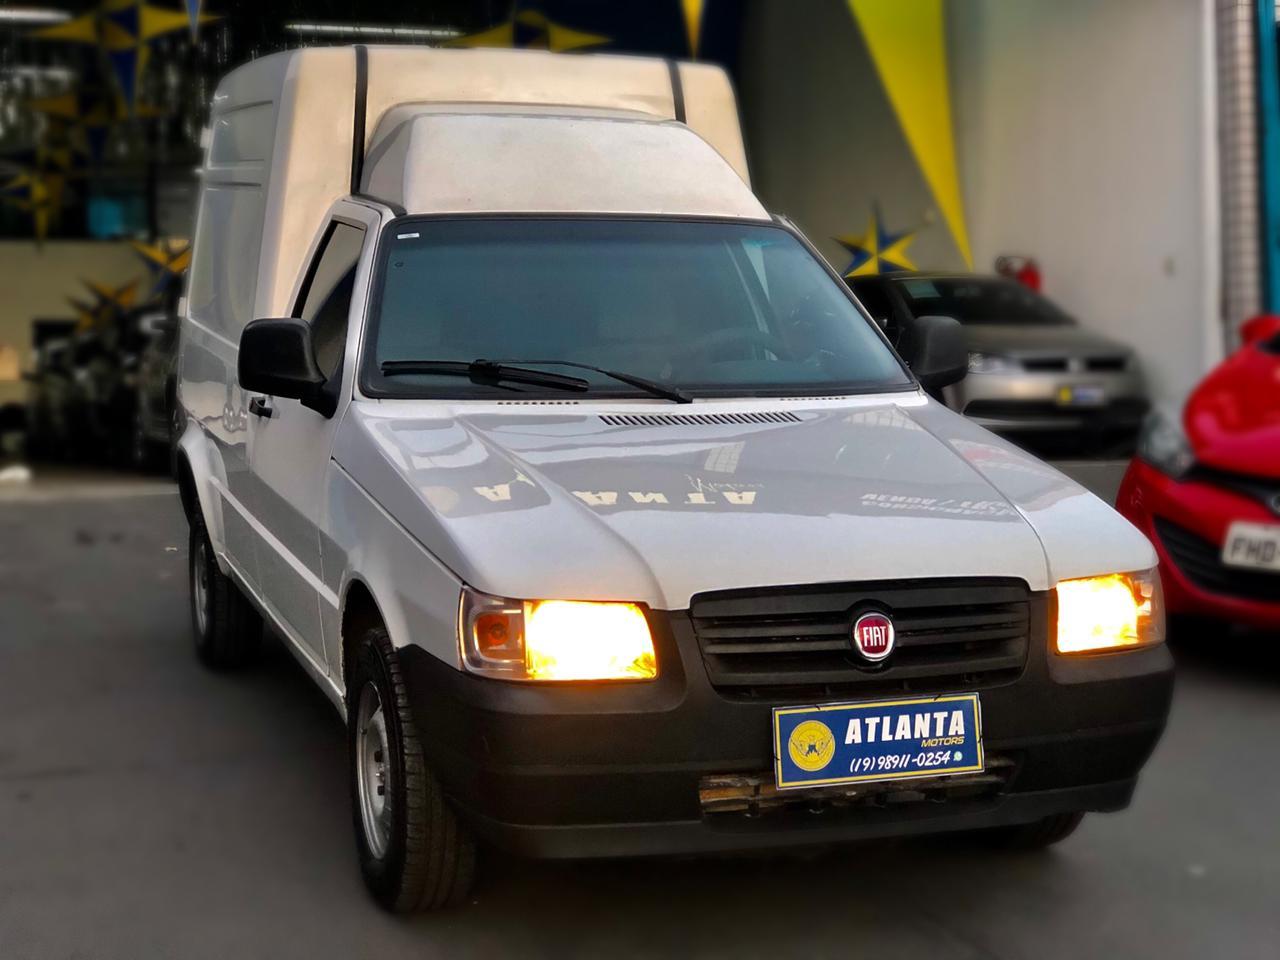 Seminovos certificados FIAT FIORINO 1.3 MPI FURGAO 8V FLEX 2P MANUAL